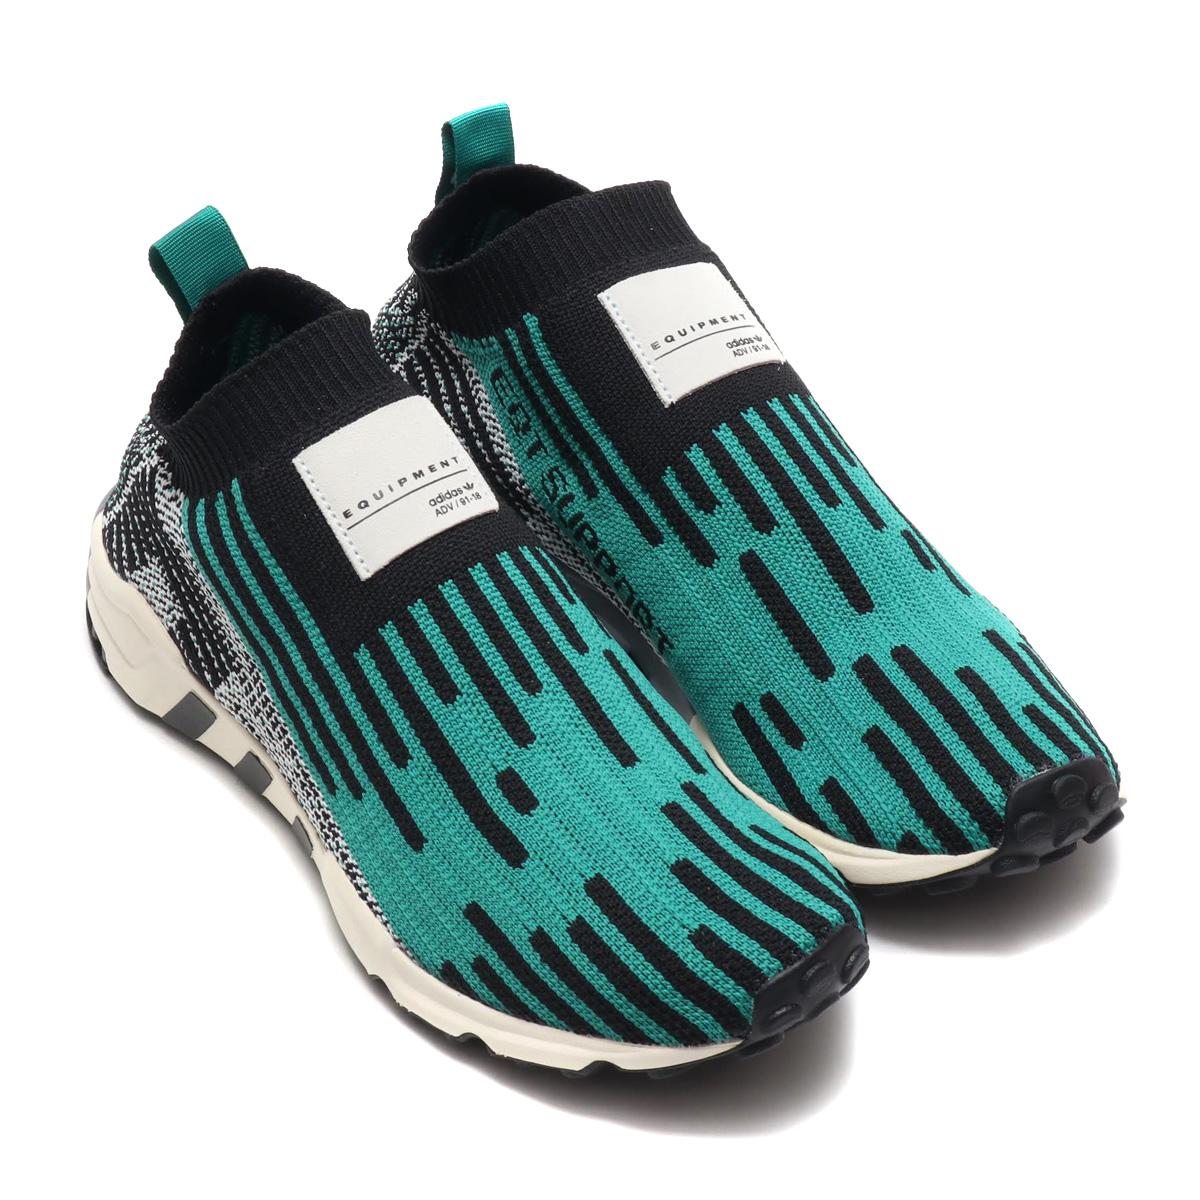 adidas eqt support pk